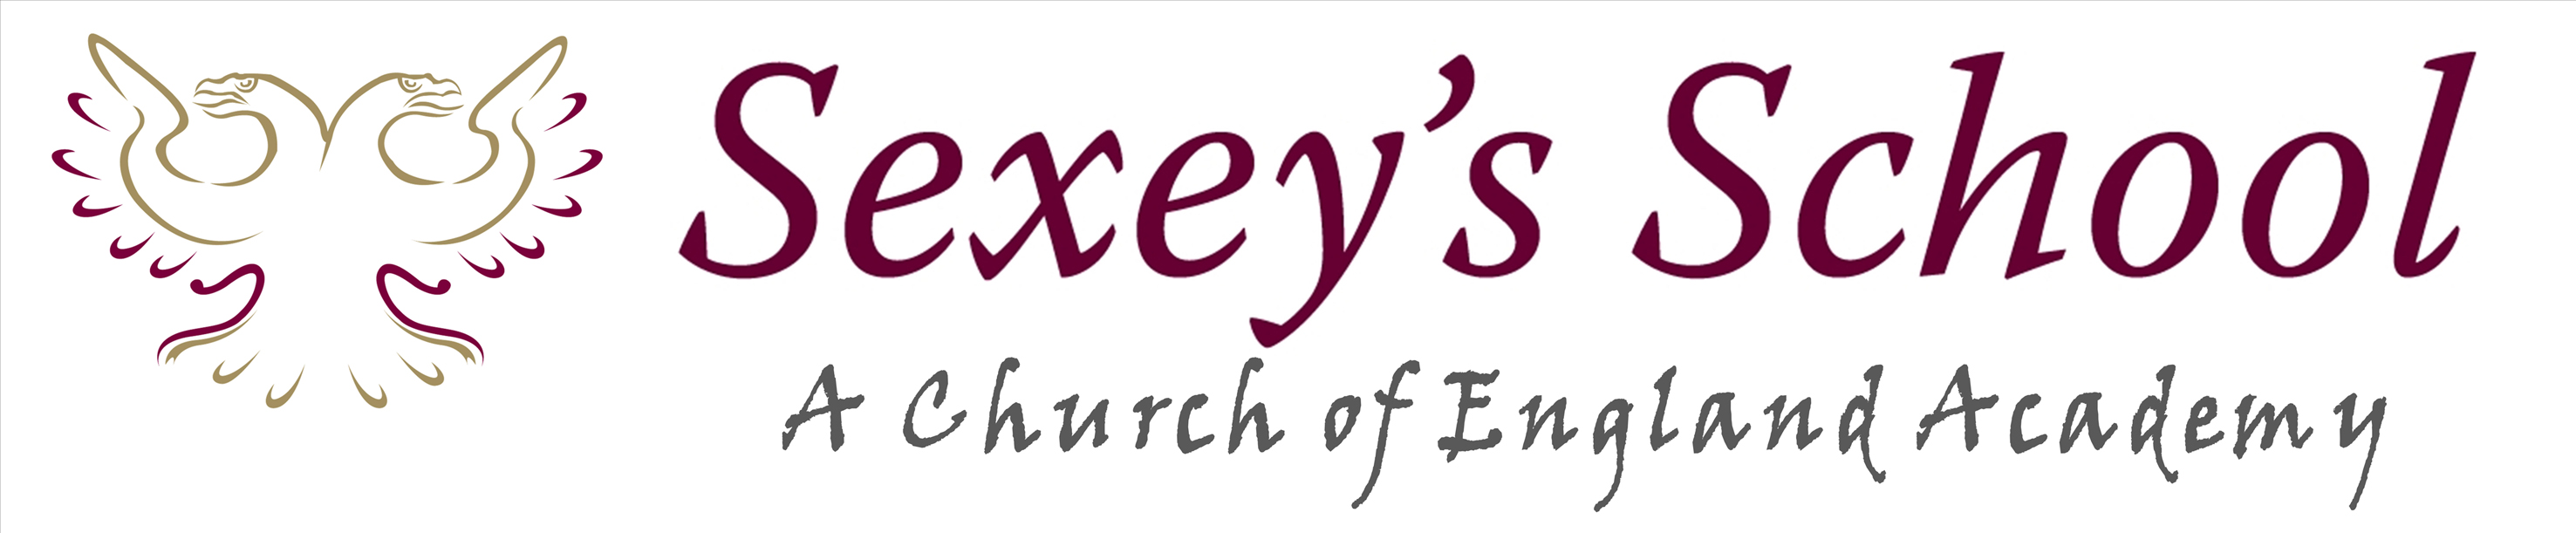 Sexey's School